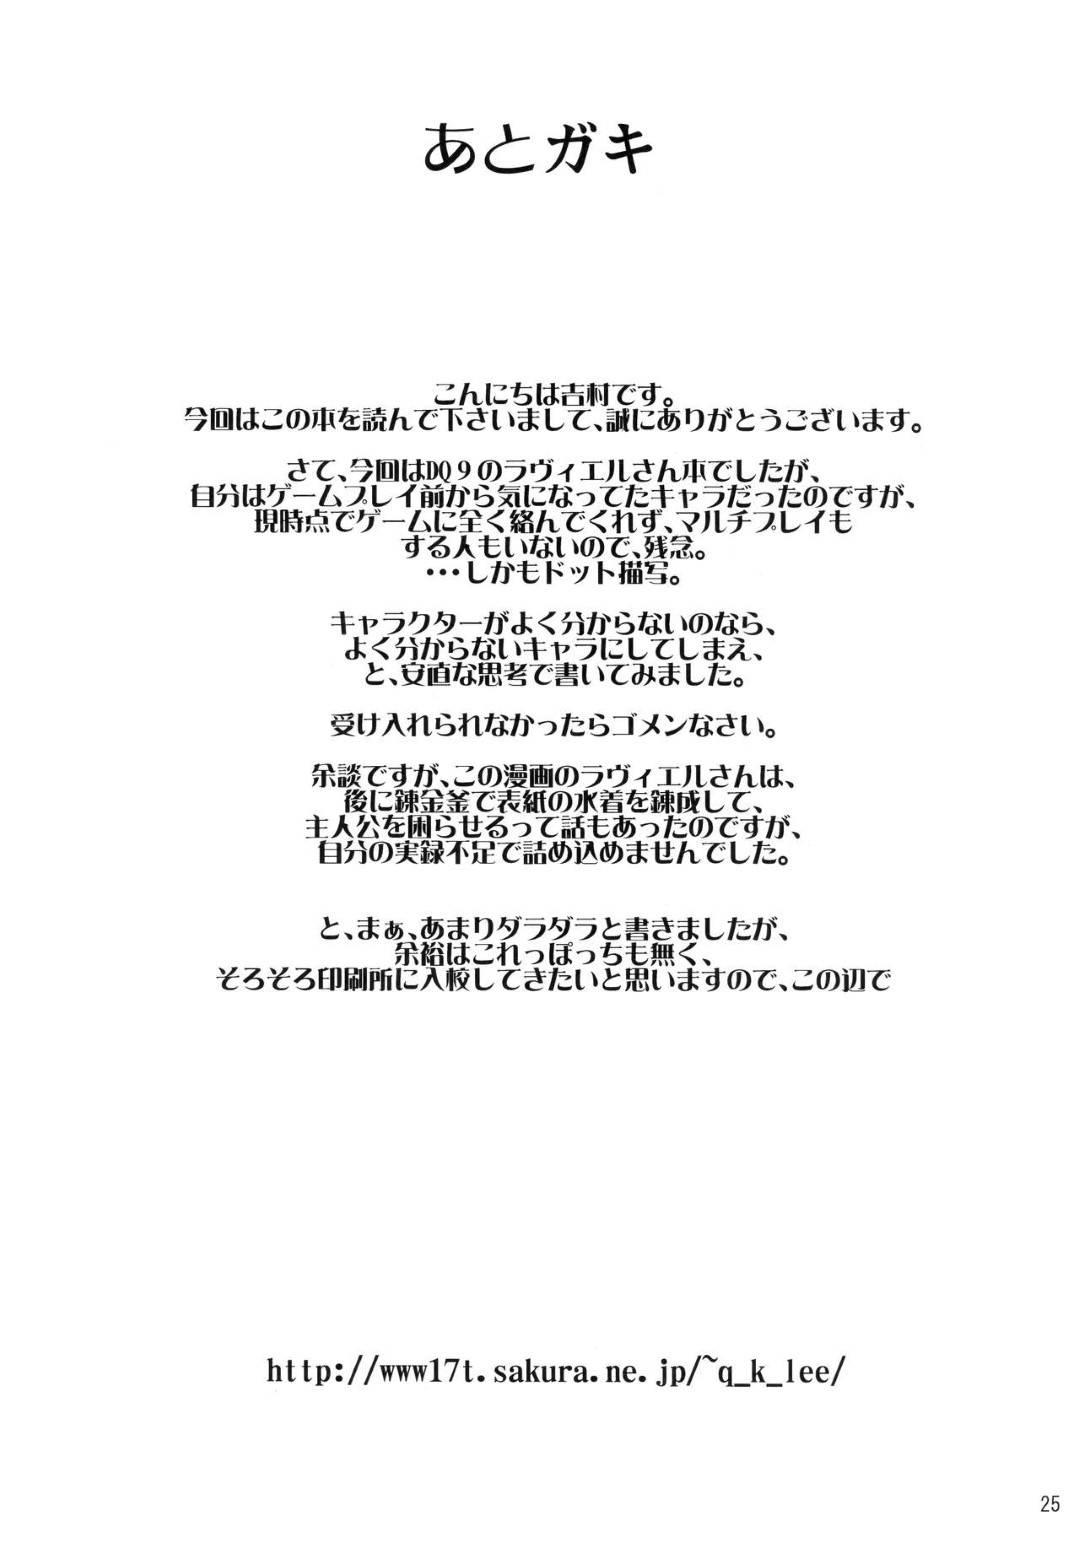 【エロ同人誌】(C77) 冒険者のみにしか見えないため酒場でノーパンで開脚する天使ラヴィエル…人がいなくなった頃に我慢できなくなった冒険者と中出しセックス!【Quick kick Lee (吉村竜巻):インビジブル彼女/ドラゴンクエストIX】